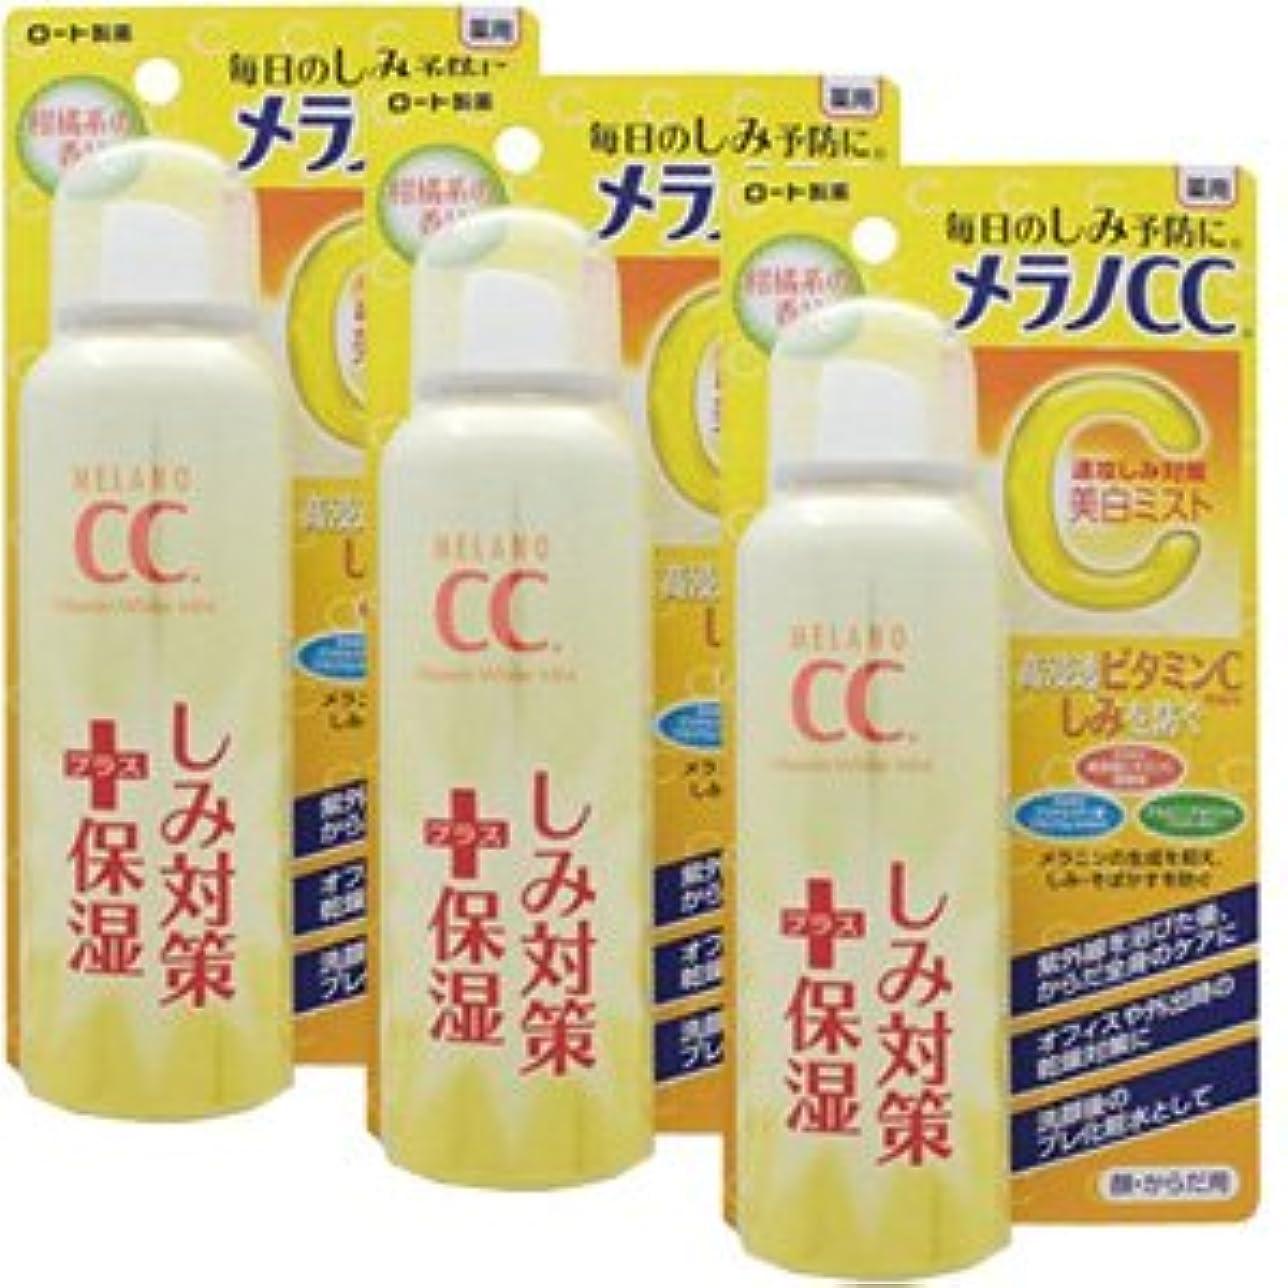 まぶしさ思い出すオーバーヘッド【3個】メラノCC 薬用しみ対策美白ミスト化粧水 100gx3個